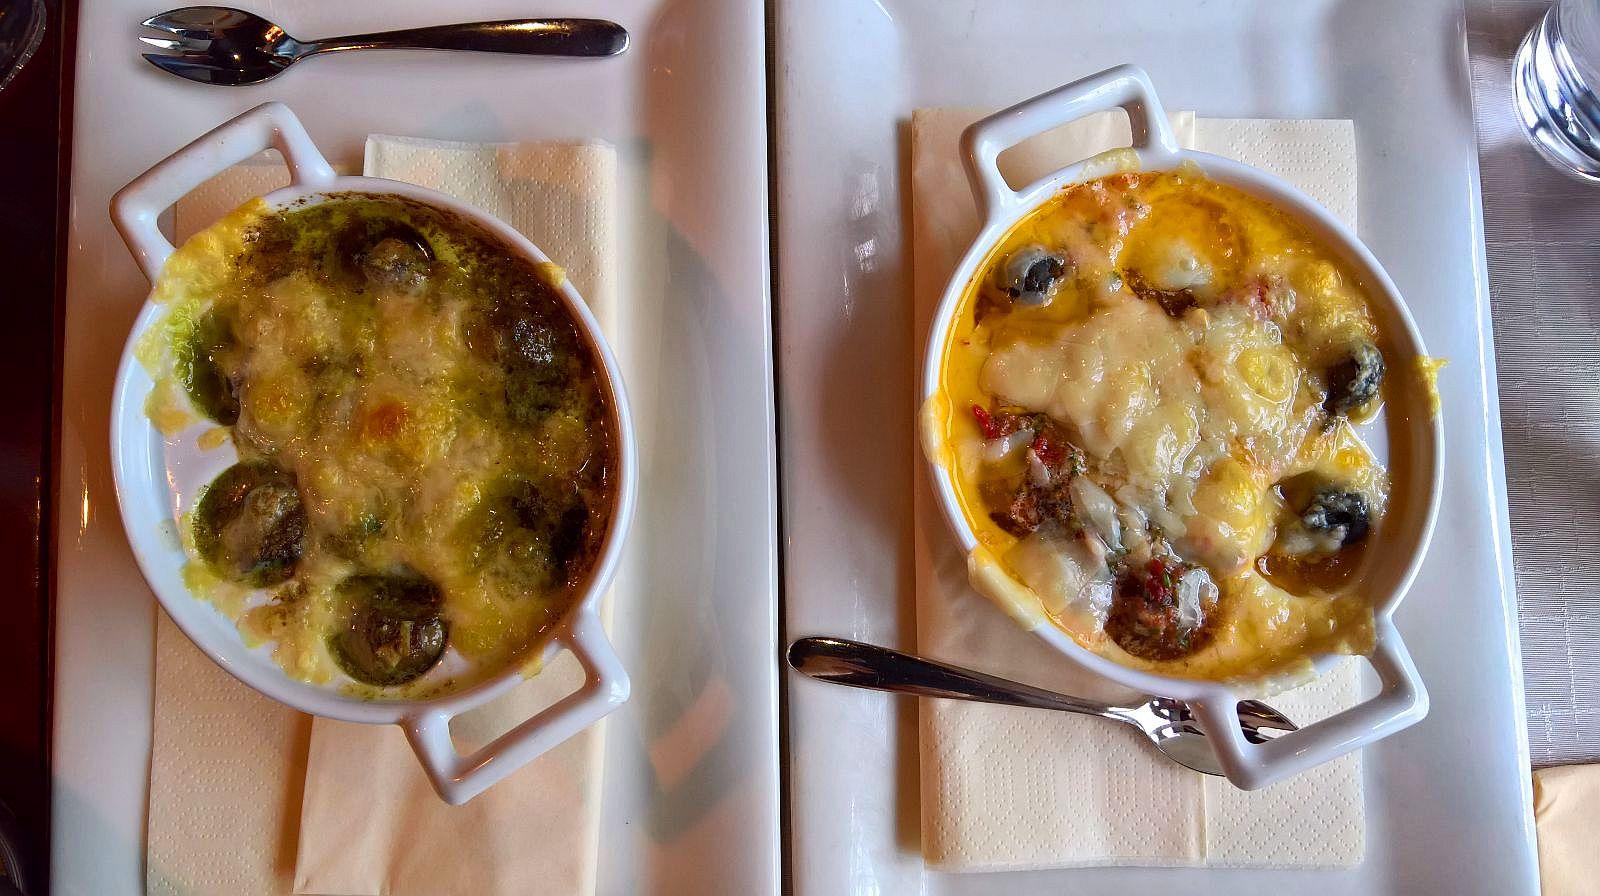 2h+k kaksio tampere ravintola arvostelu mallaspulla maistelee ruokablogi etanat